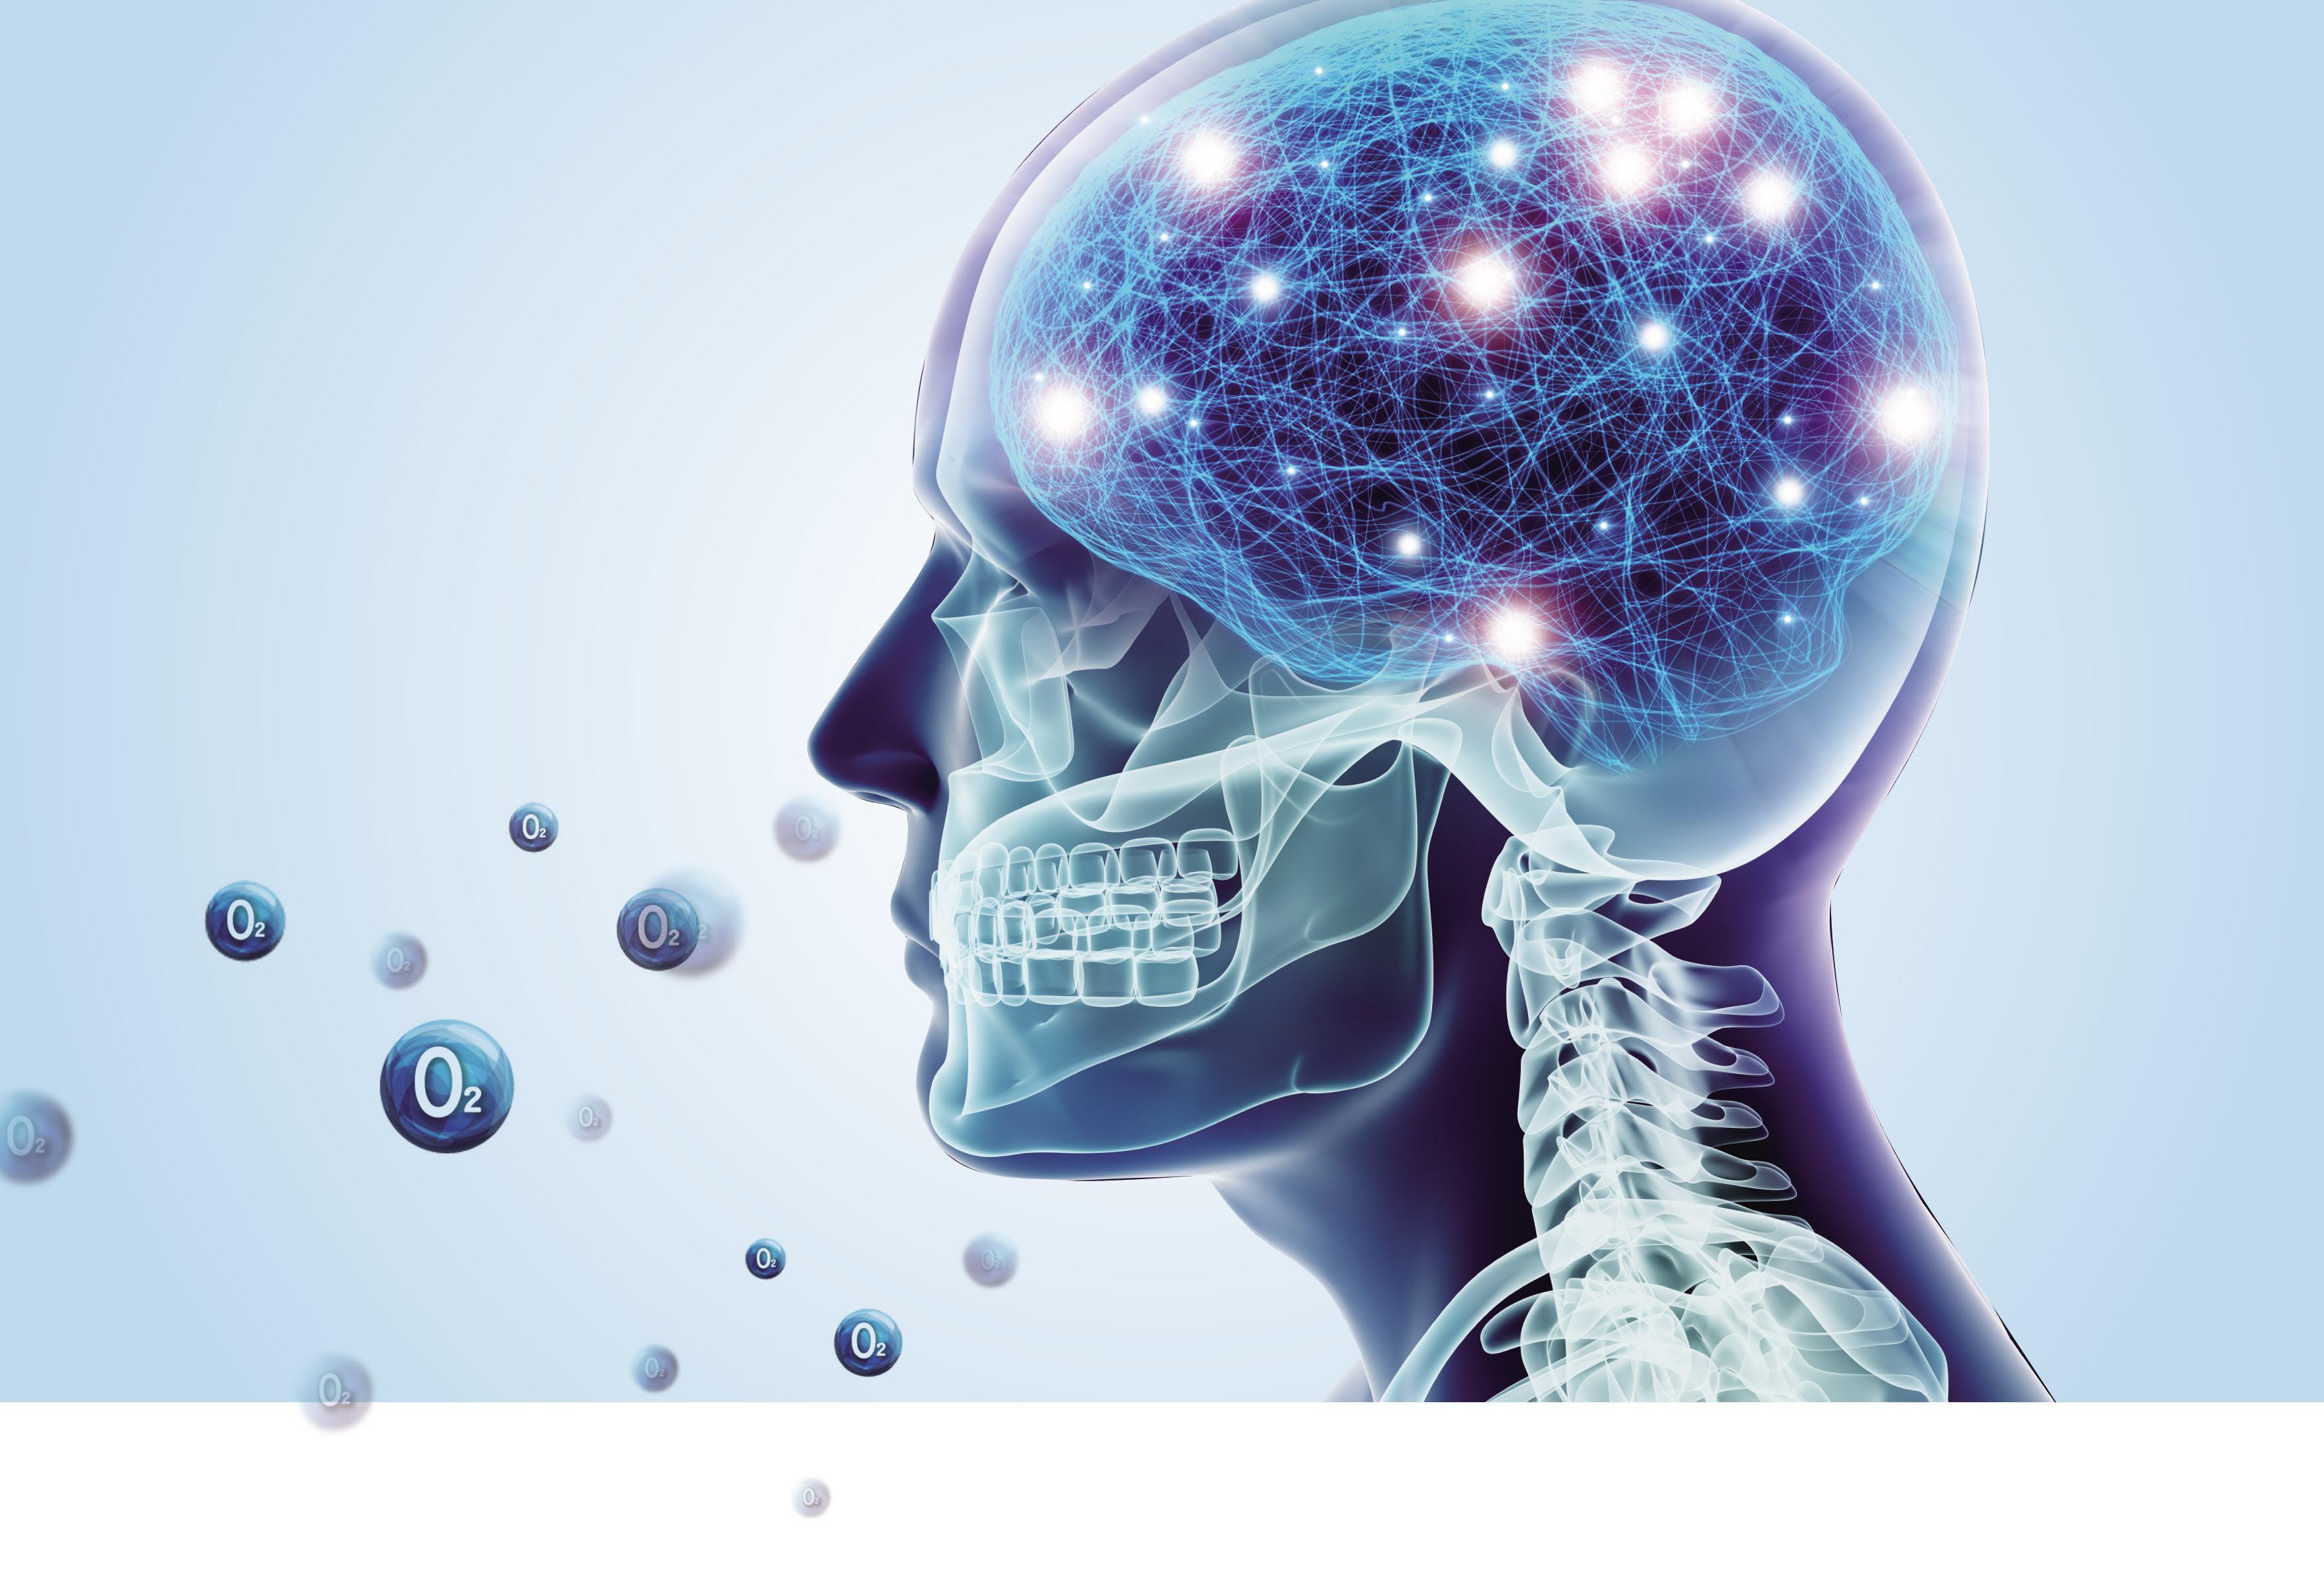 치매 다음으로 흔한 뇌 질환 '파킨슨병' 극복하기